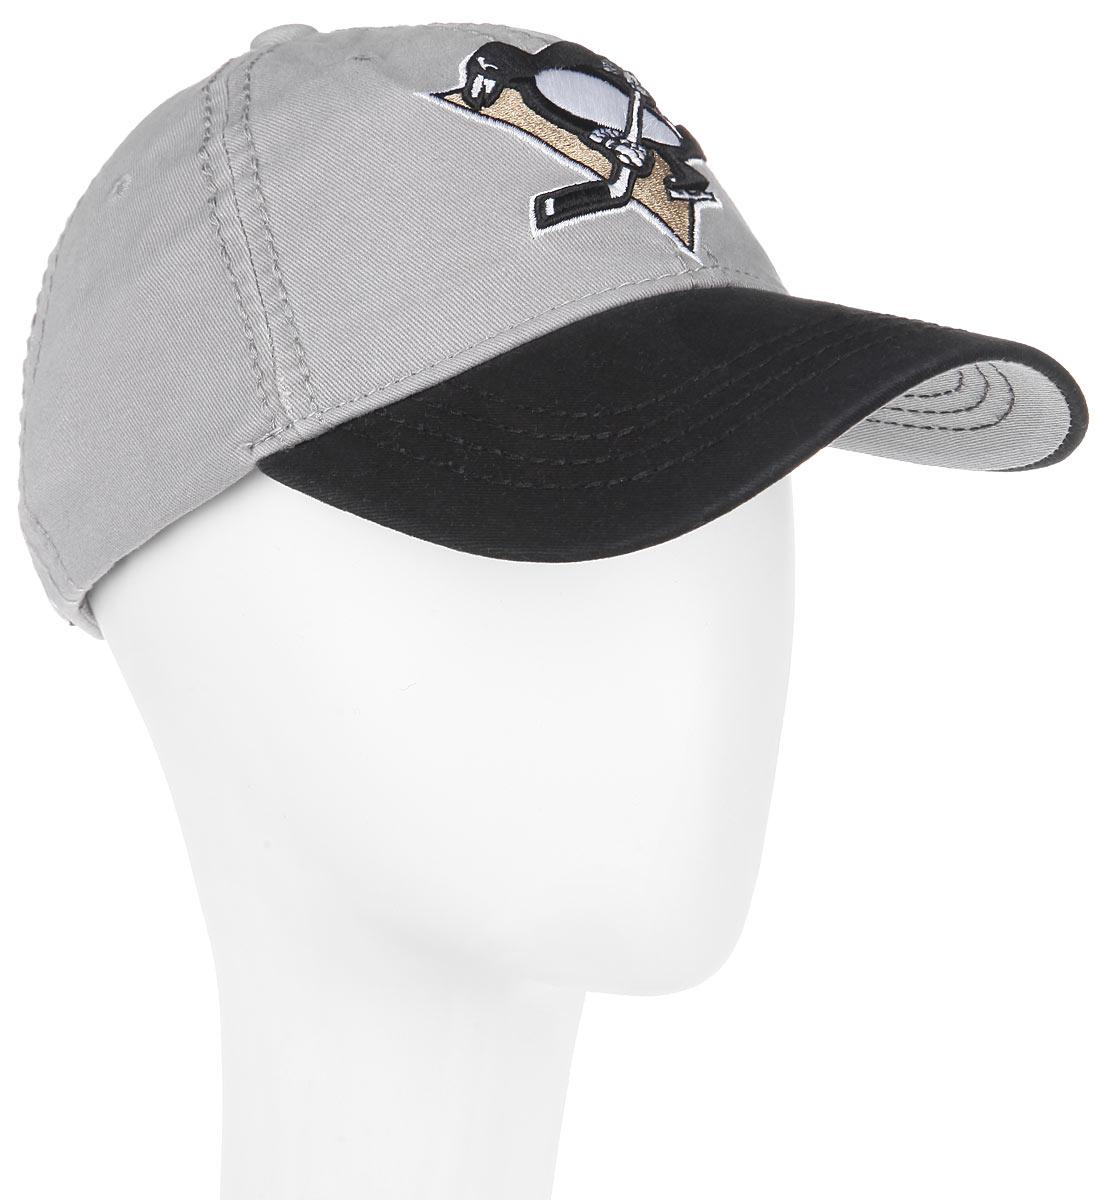 Бейсболка NHL Pittsburg Penguins, цвет: серый, черный. 29056. Размер L\XL (55-58)29056Практичная и удобная бейсболка NHL Pittsburs Penguins, выполненная из высококачественного хлопка, идеально подойдет для активного отдыха и обеспечит надежную защиту головы от солнца.Бейсболка дополнена широким твердым козырьком и оформлена вышивкой в виде эмблемы профессиональной хоккейной команды Pittsburs Penguins, а также вышитыми надписями. Кепка имеет перфорацию, обеспечивающую необходимую вентиляцию. Объем изделия регулируется металлическим фиксатором. Такая бейсболка станет отличным аксессуаром для занятий спортом или дополнит ваш повседневный образ.